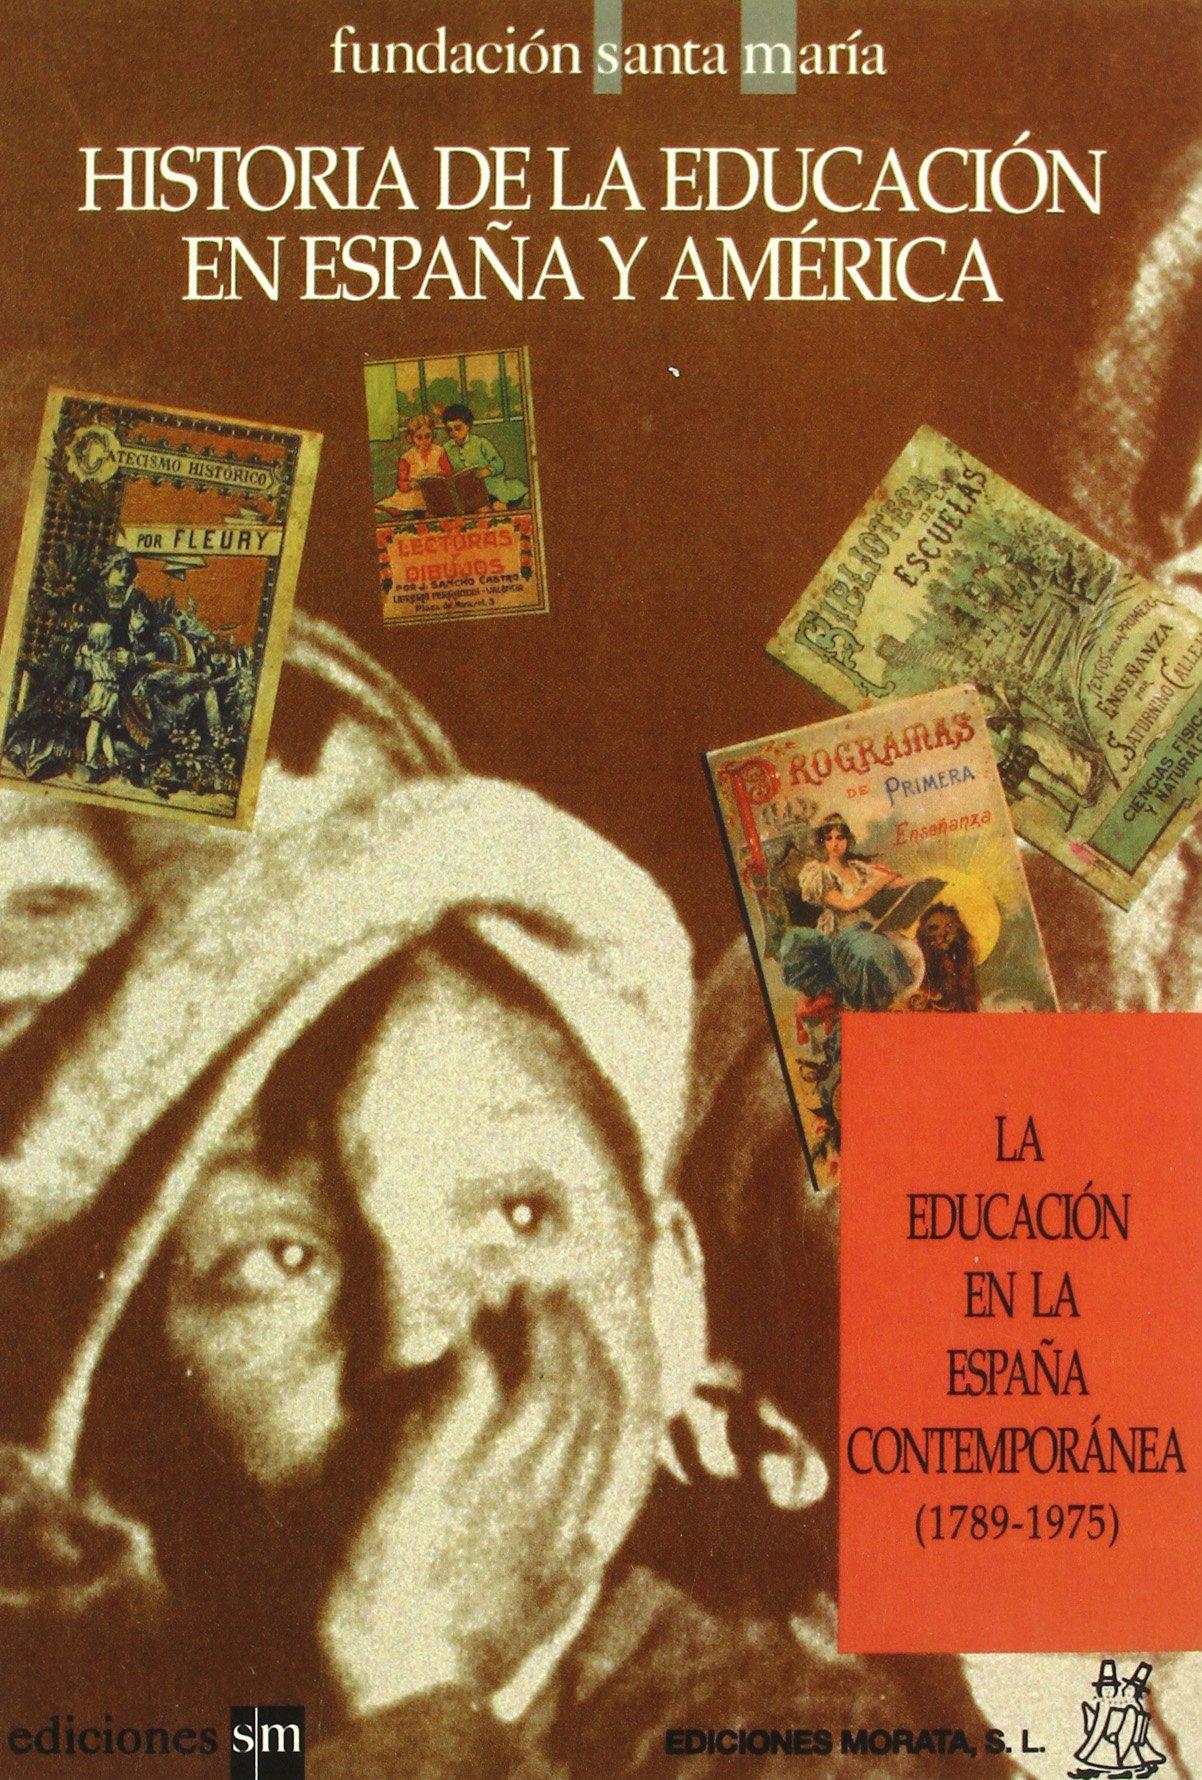 La educación en la España contemporánea: Amazon.es: Delgado, B.: Libros